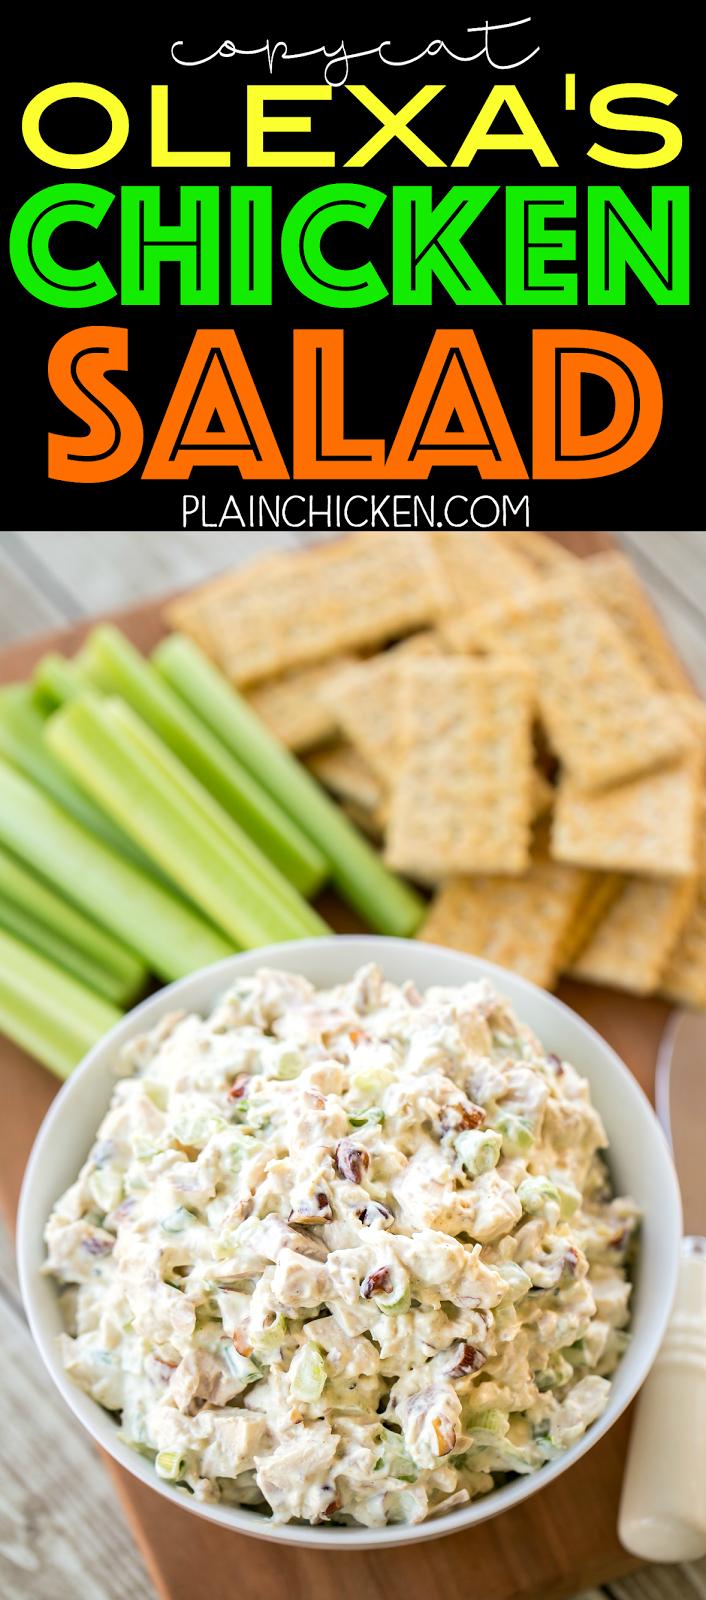 Olexa S Chicken Salad This Is The Best Chicken Salad Ever So Good Chicken Mayo Original Chicken Salad Recipe Chicken Salad Recipes Smoked Chicken Salad